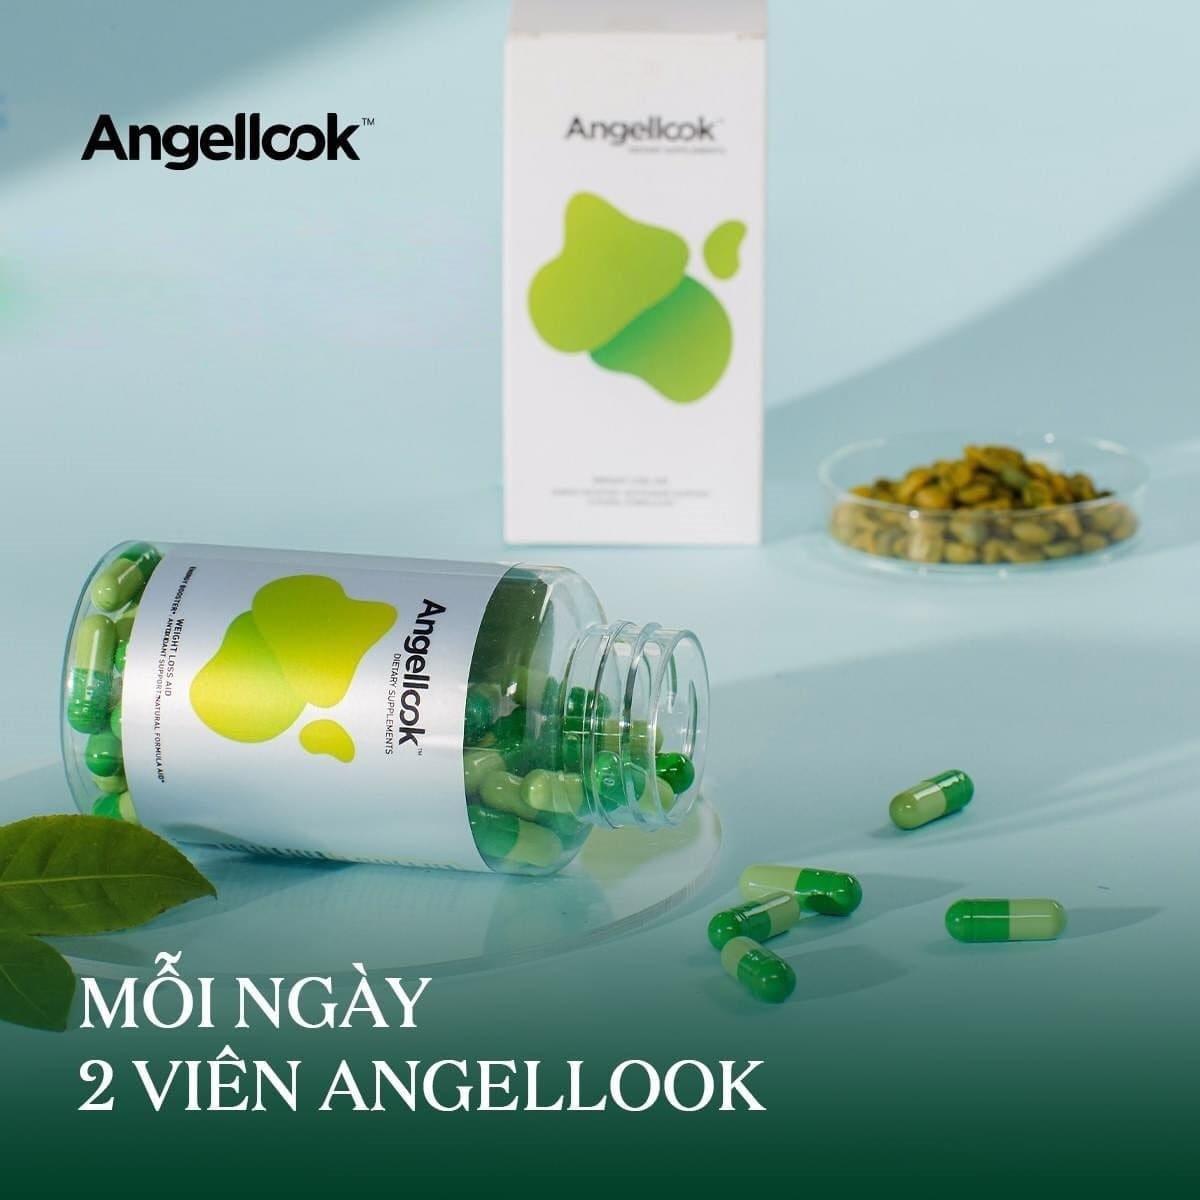 Review thuốc giảm cân Angellook có tốt không? Tác dụng phụ của thuốc giảm cân Angellook